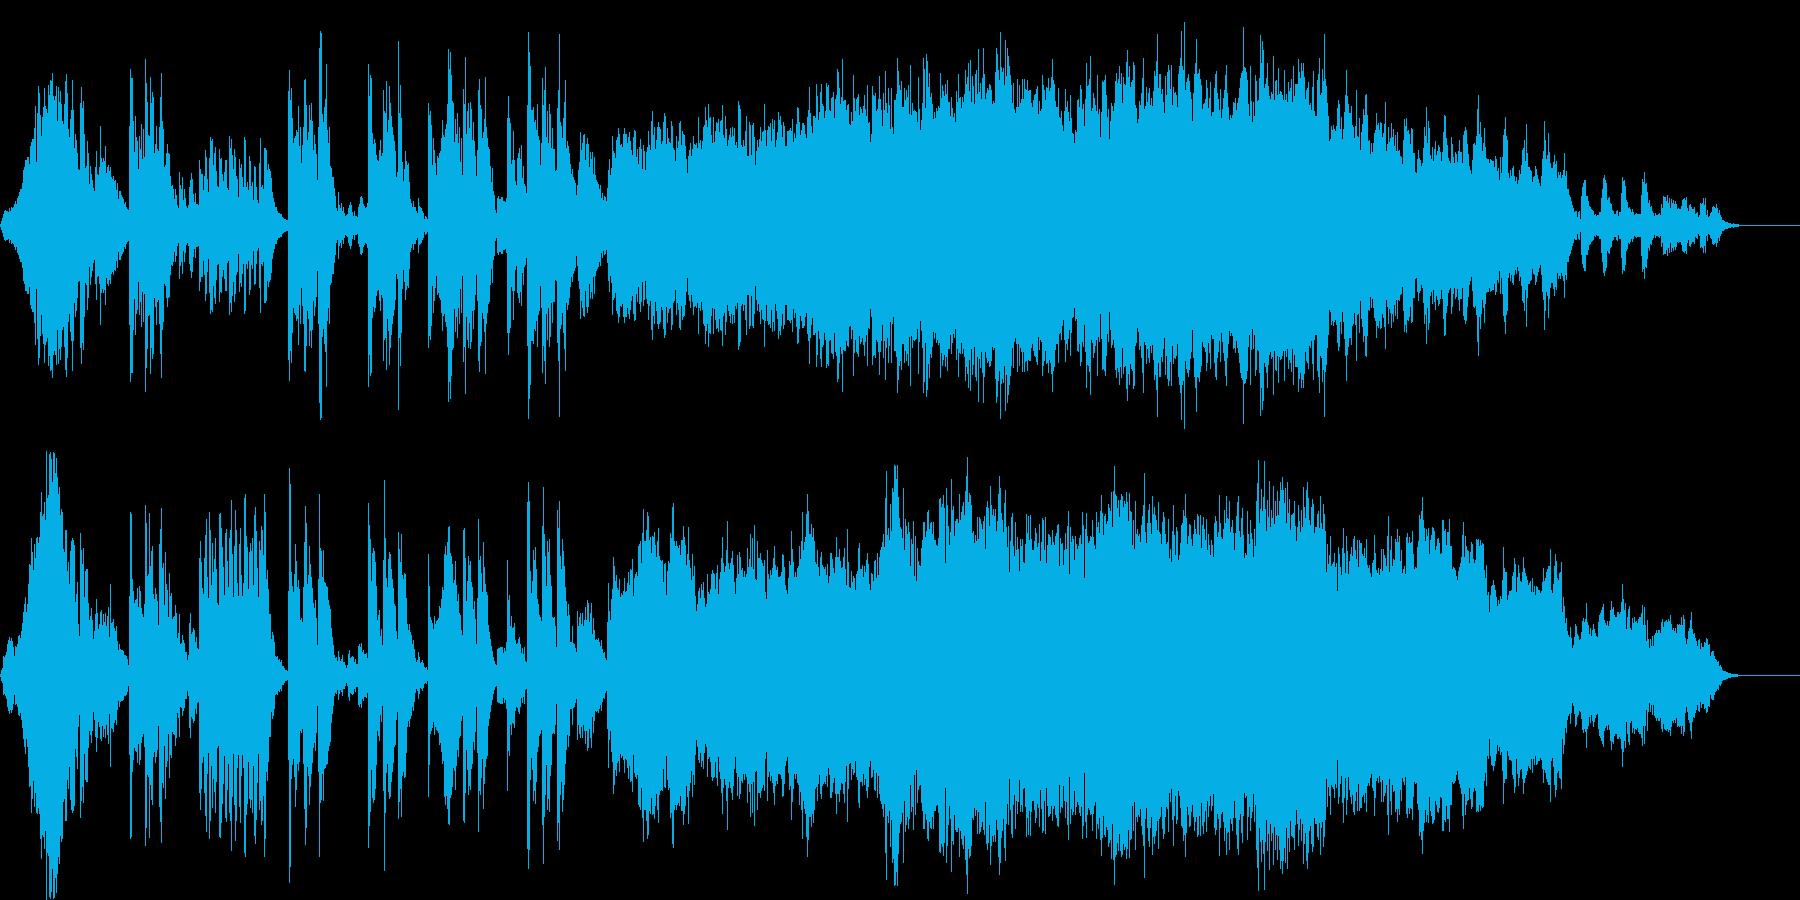 オーケストラで迫力のある出発を表現の再生済みの波形